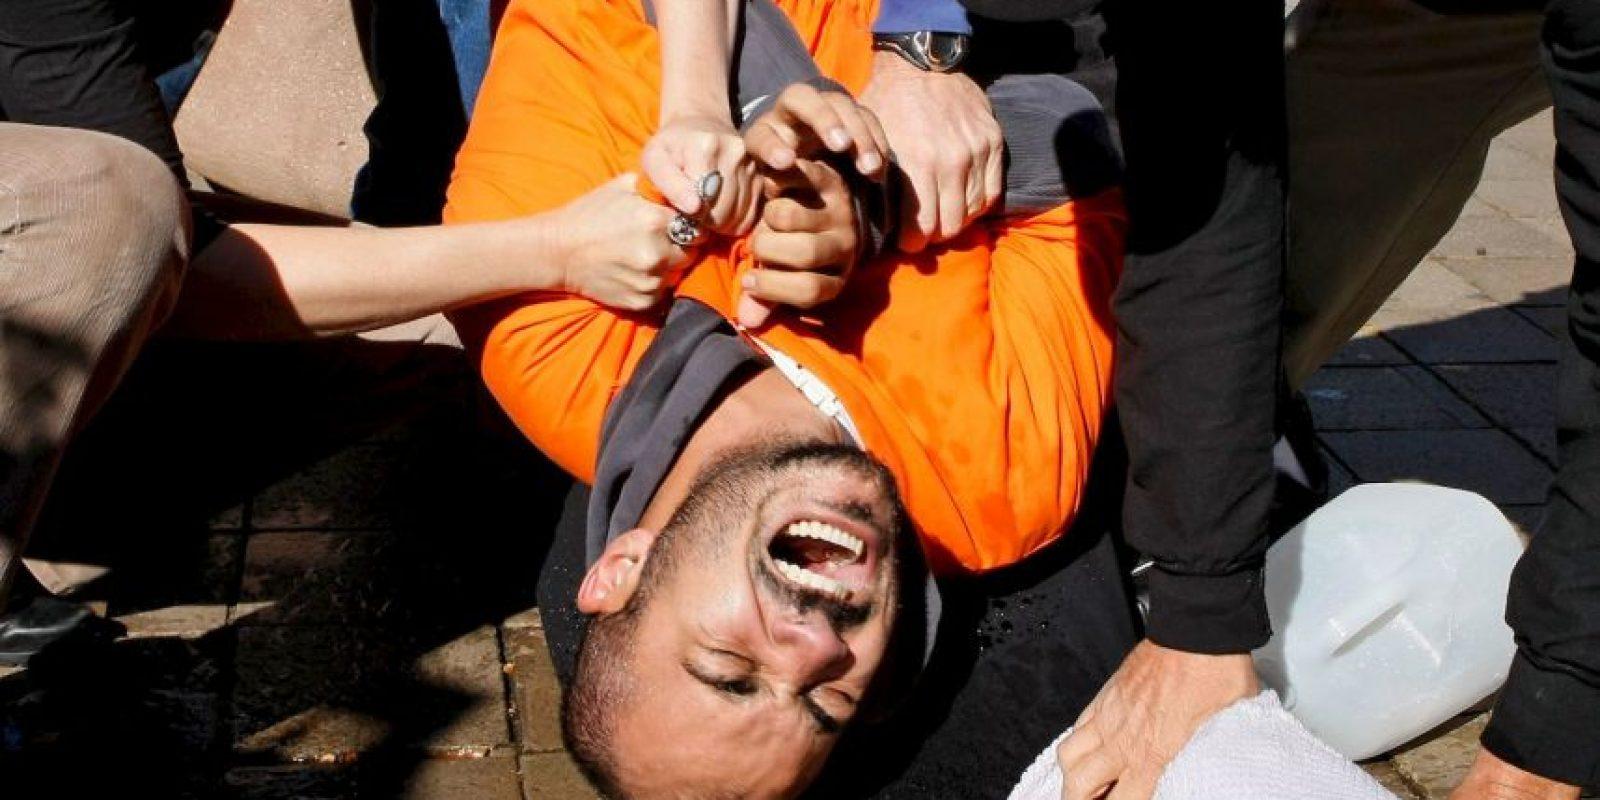 9. En la región de Asia y Oceanía países como Corea del Norte y China son los que más dificultad han tenido para prevenir y castigar la tortura, de acuerdo a Amnistía Internacional. Foto:Getty Images